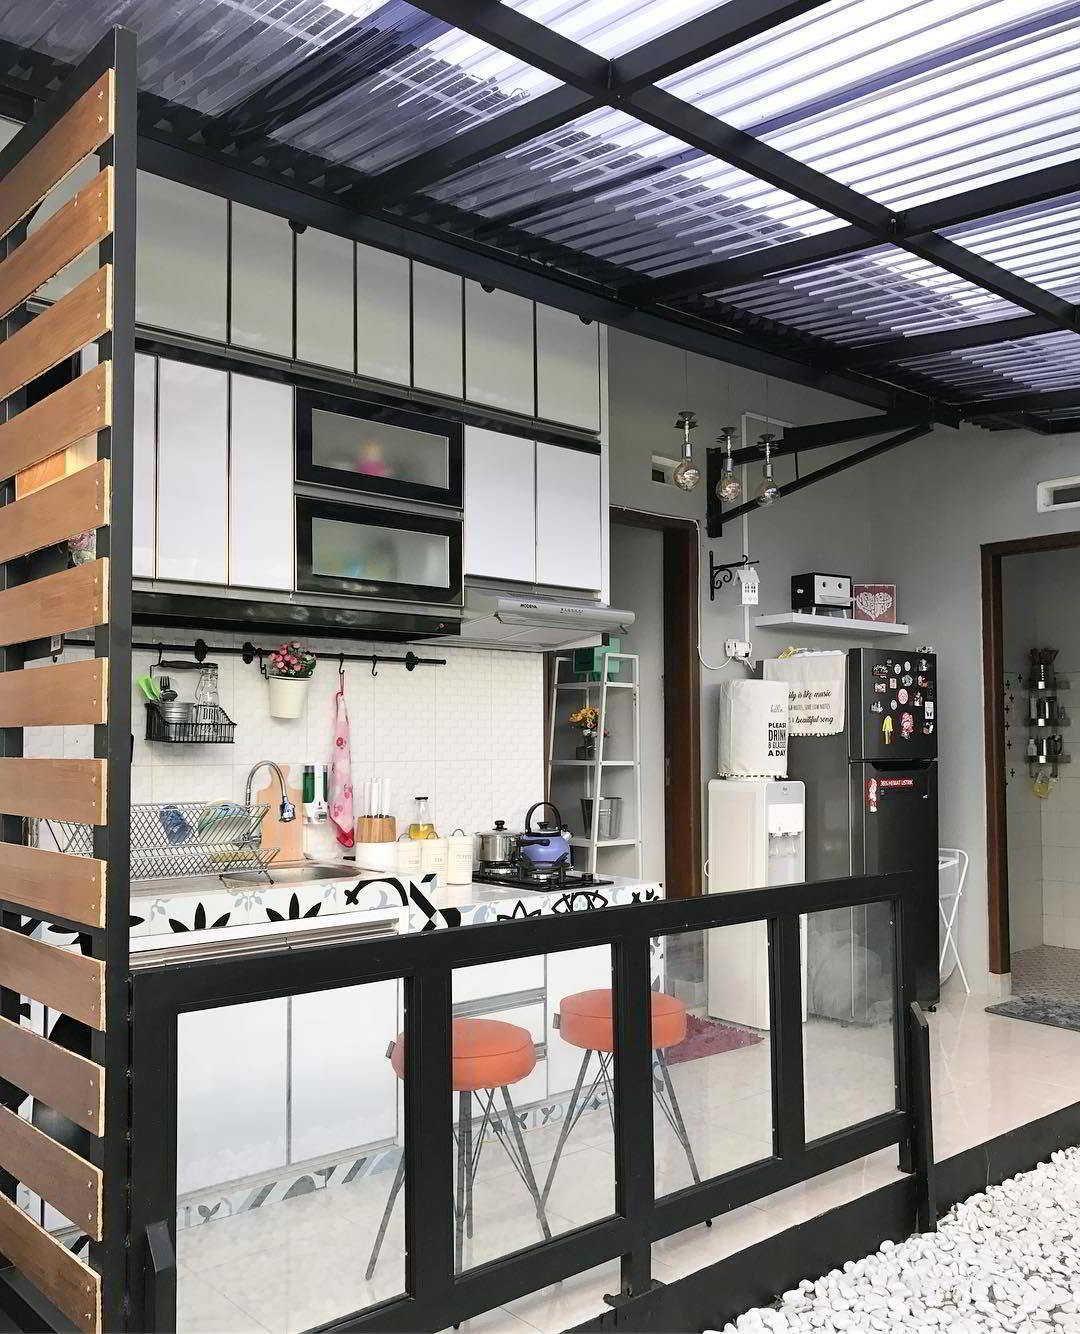 Foto Desain Dapur Semi Outdoor Di Belakang Rumah